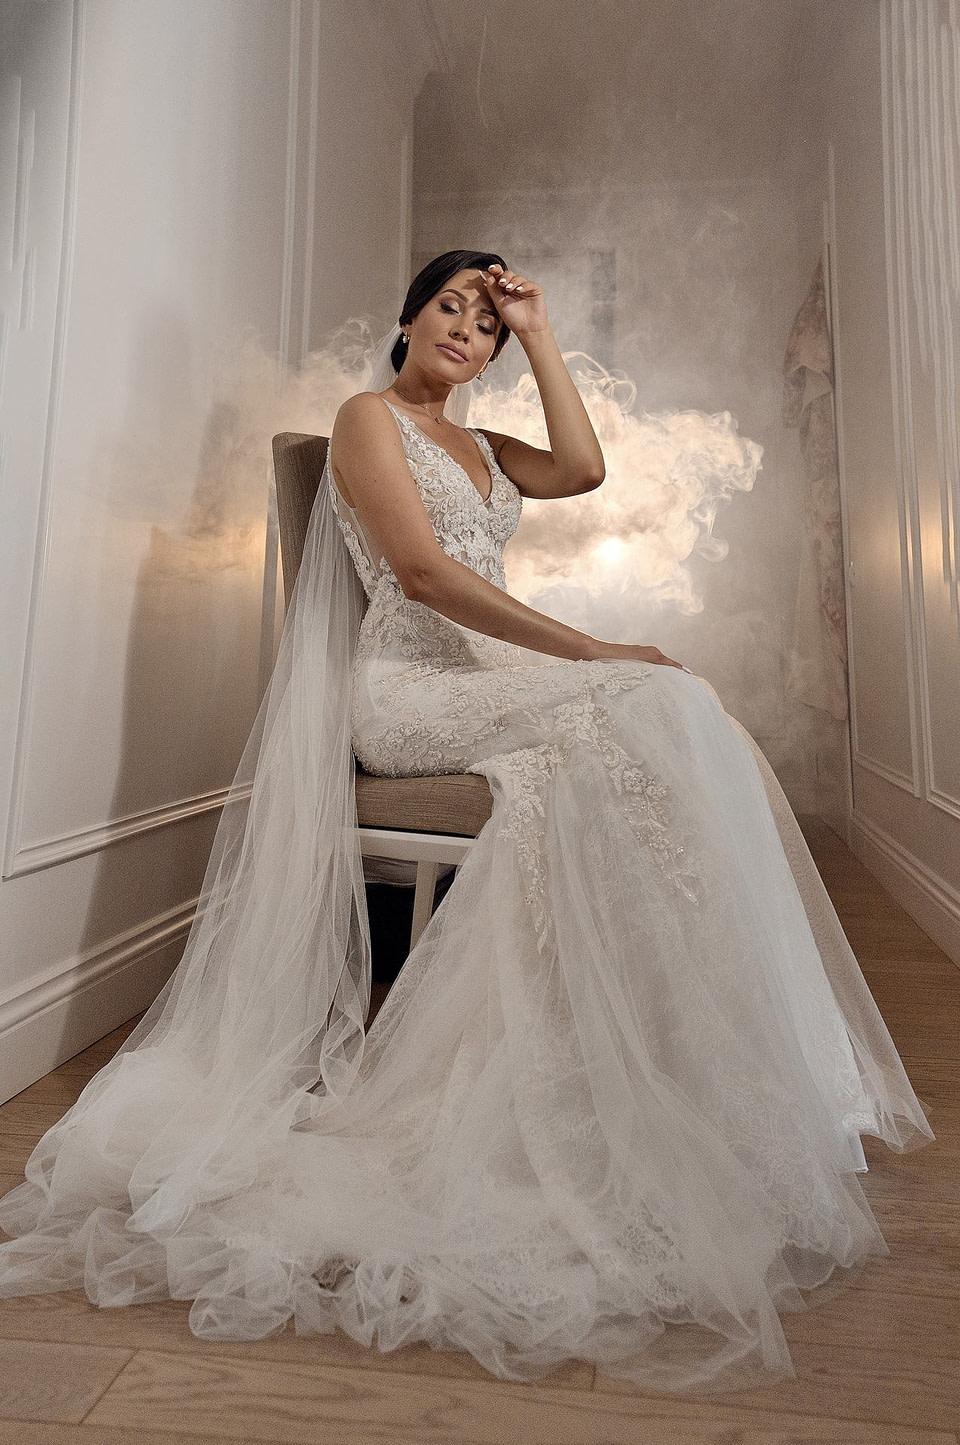 Красивое платье невесты, профессиональная свадебная фотосессия в Киеве и Одессе - услуги фотографа на свадьбу, съемка свадьбы (недорого, стоимость и цена на сайте) фотограф Соя Юрий